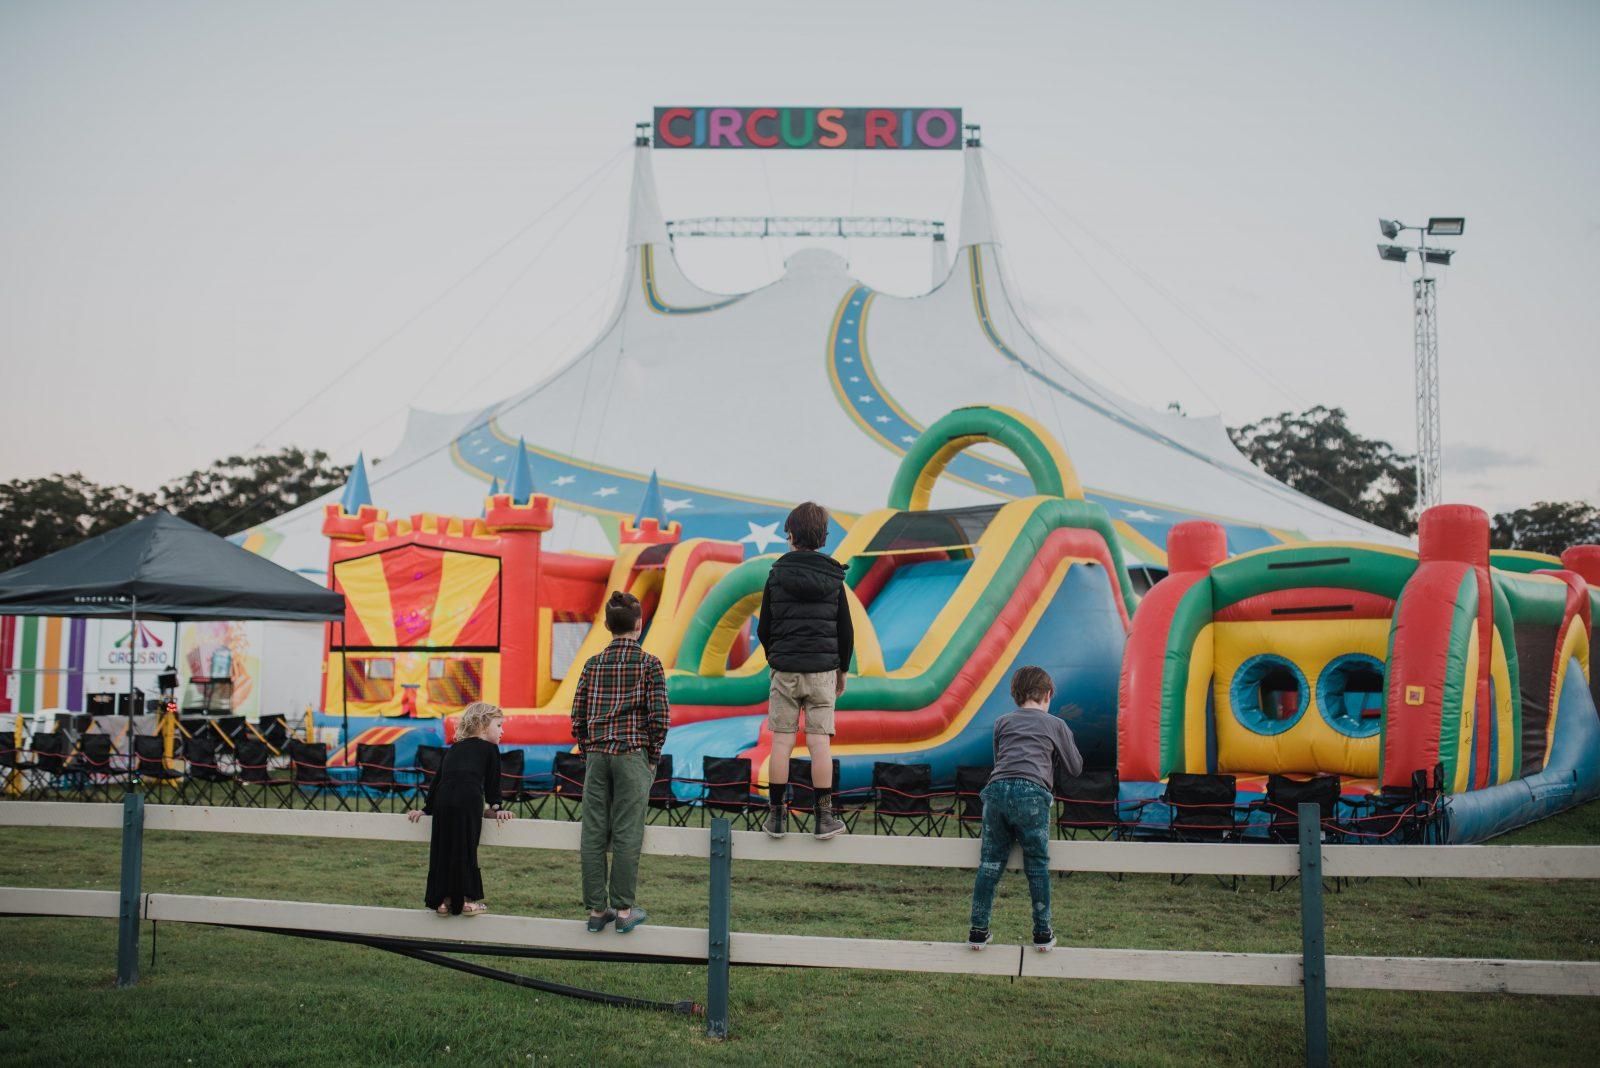 Circus Rio